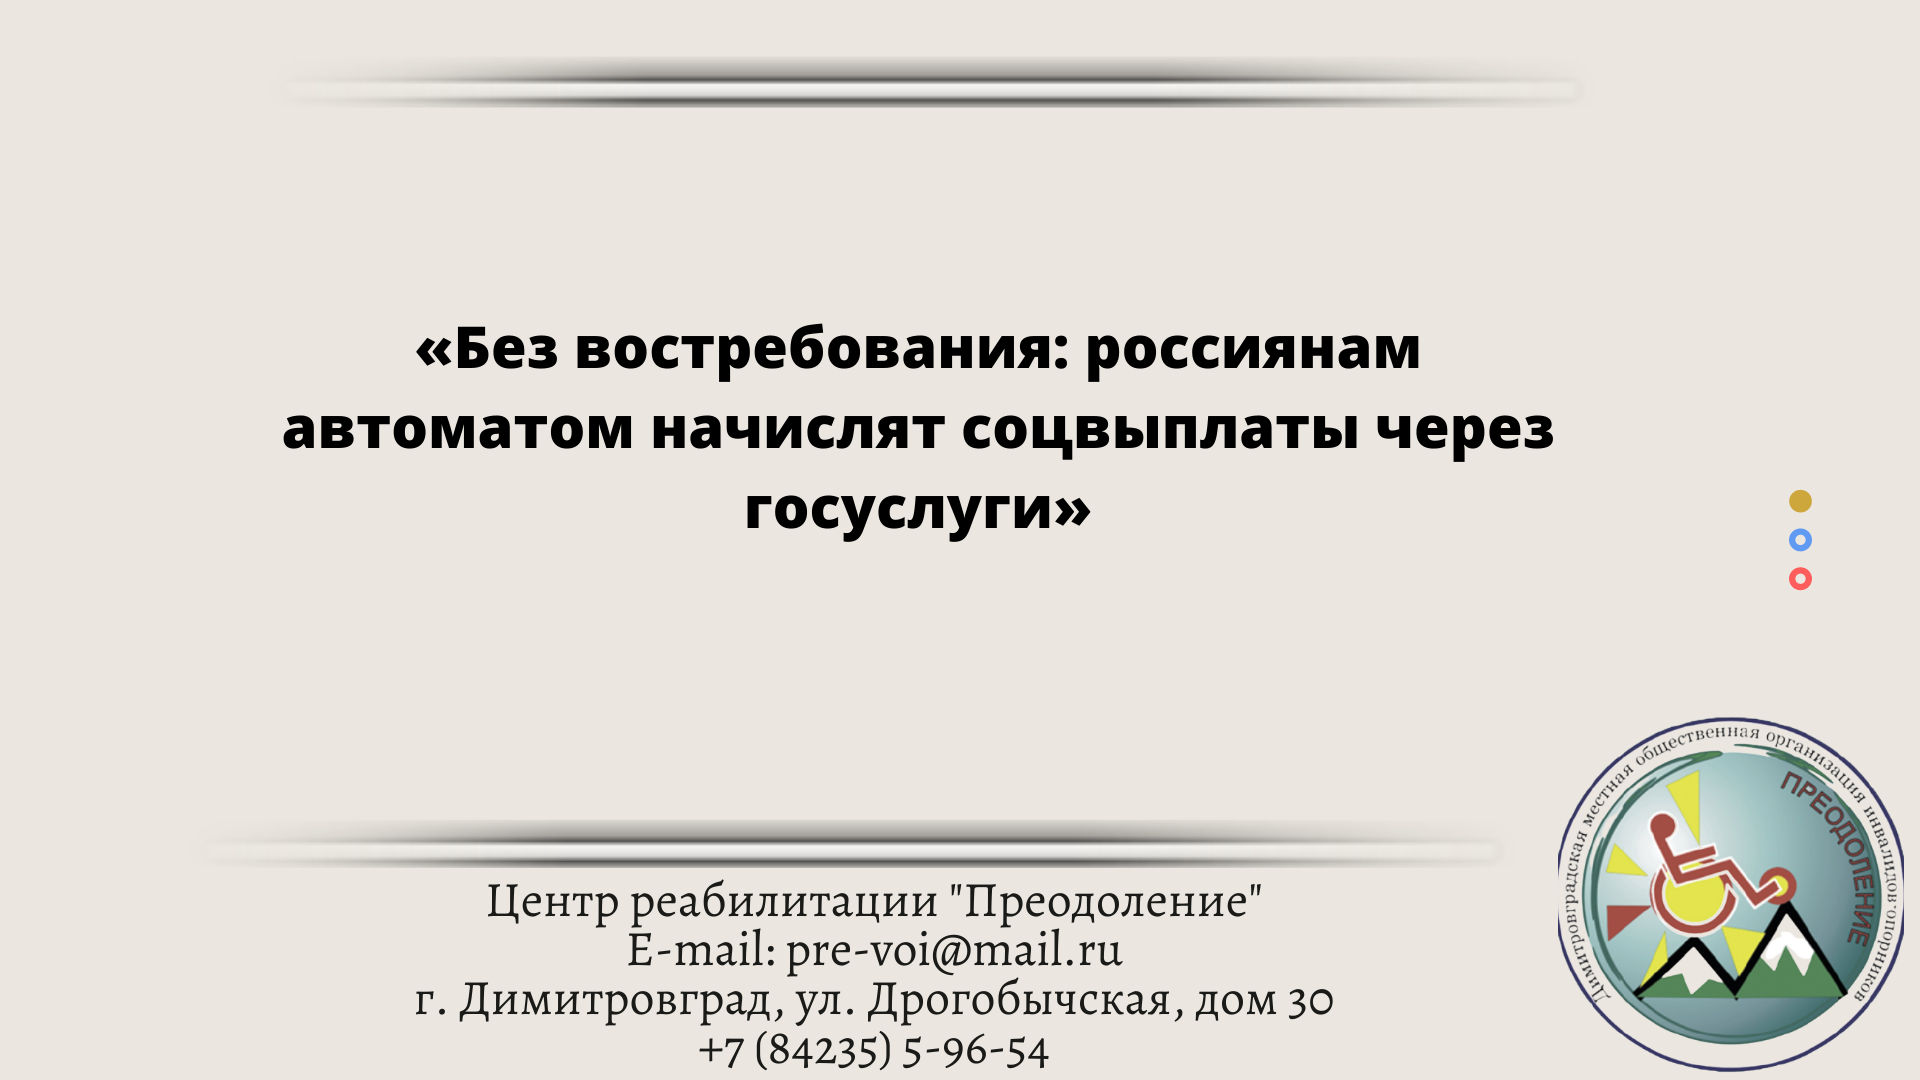 «Без востребования: россиянам автоматом начислят соцвыплаты через госуслуги»